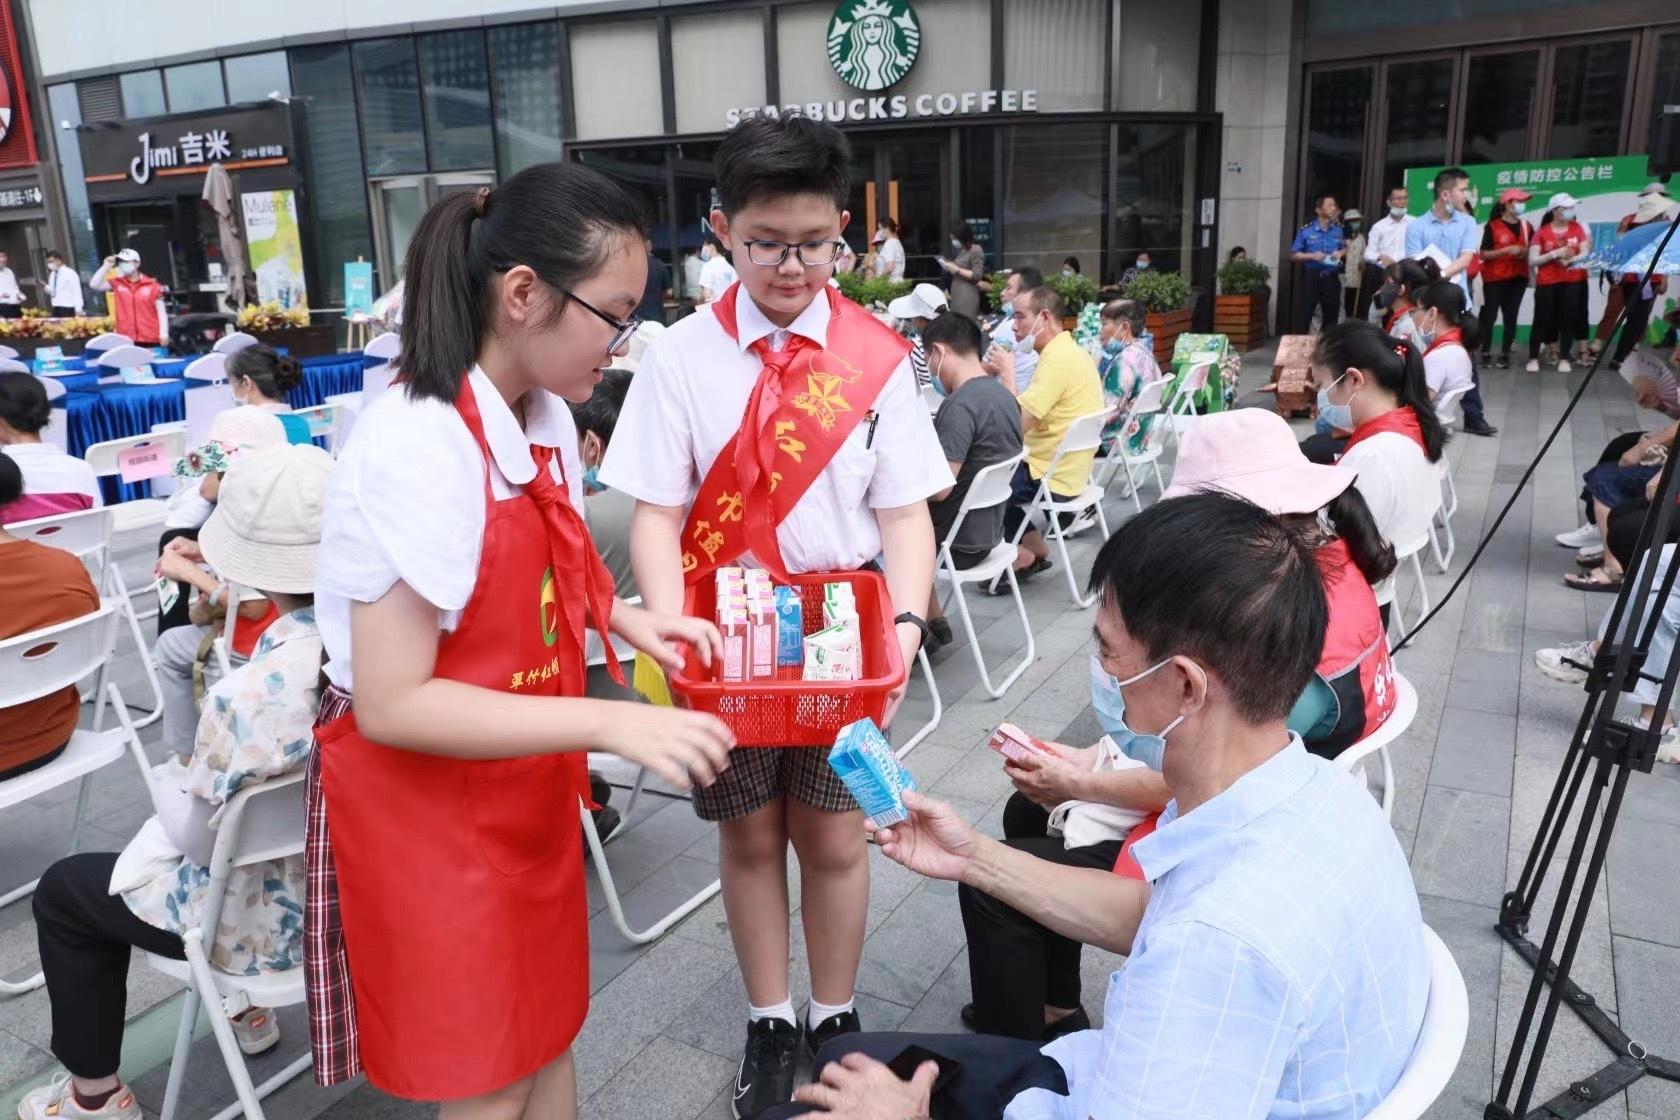 深圳初步构建起涵盖宣传引导、公众教育、学校培育、社会协同、现场督导五大板块的立体宣传督导体系,在全城掀起一场垃圾分类大宣贯热潮。